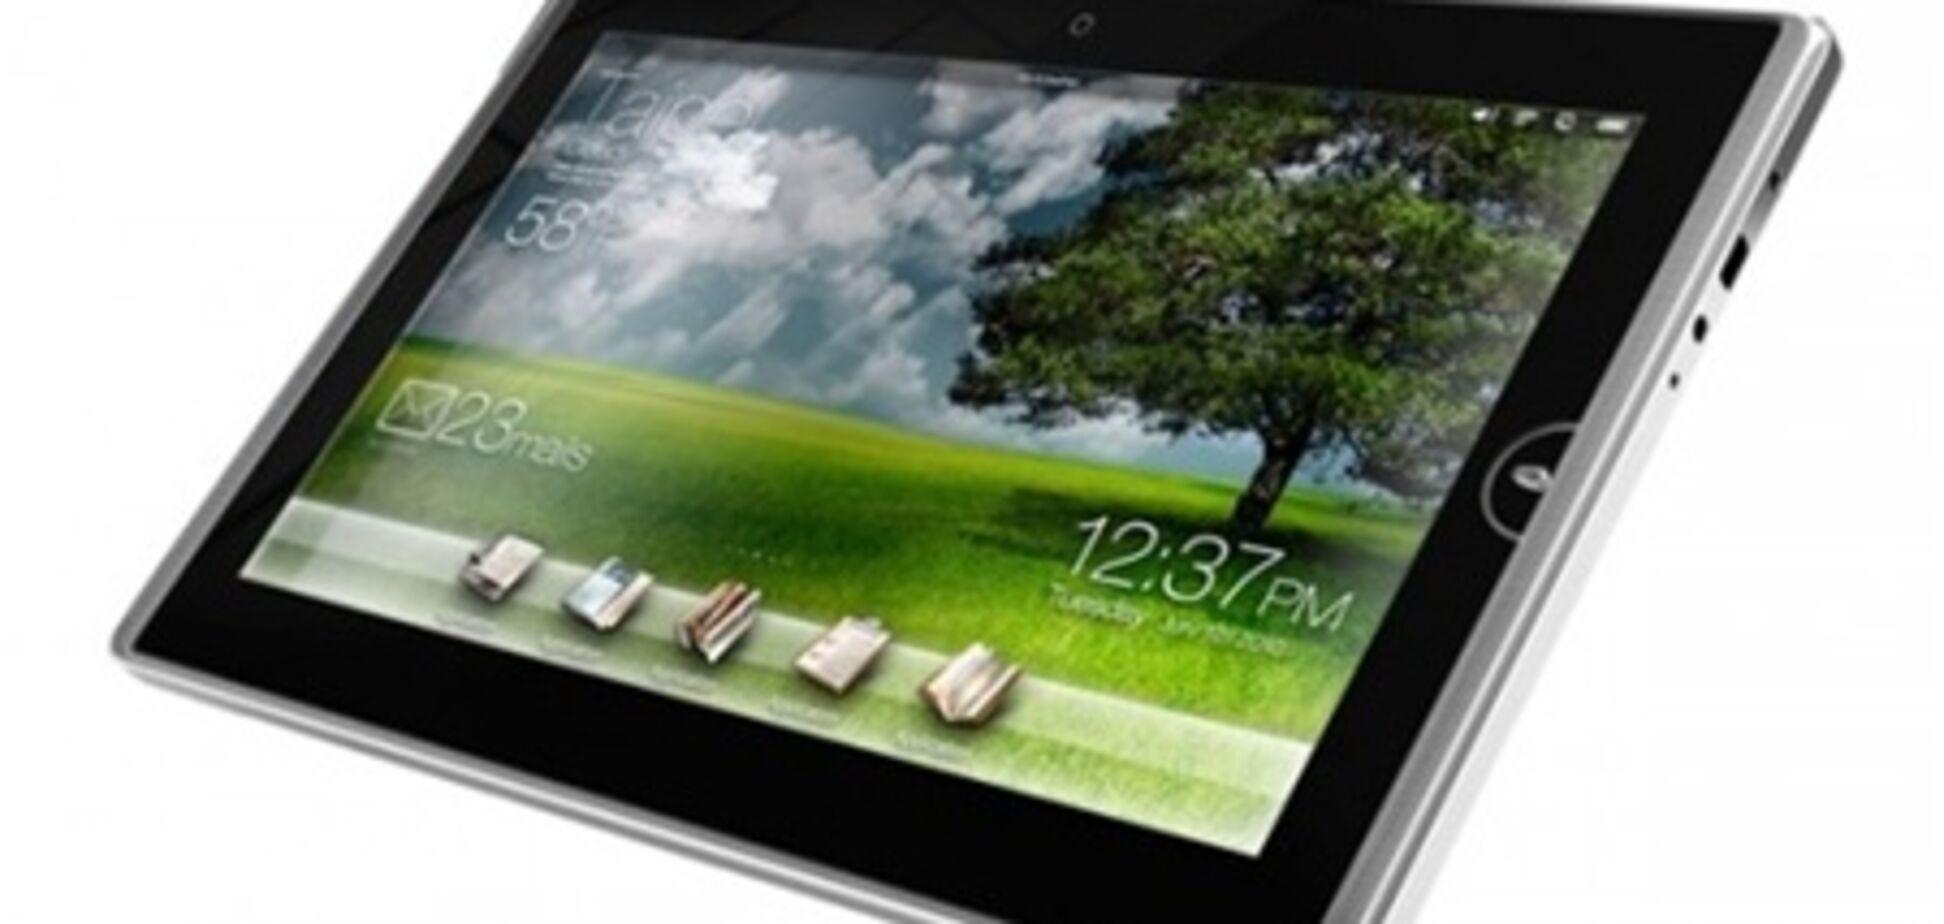 Эксперты прогнозируют рост продаж планшетов до 60 миллионов штук в год